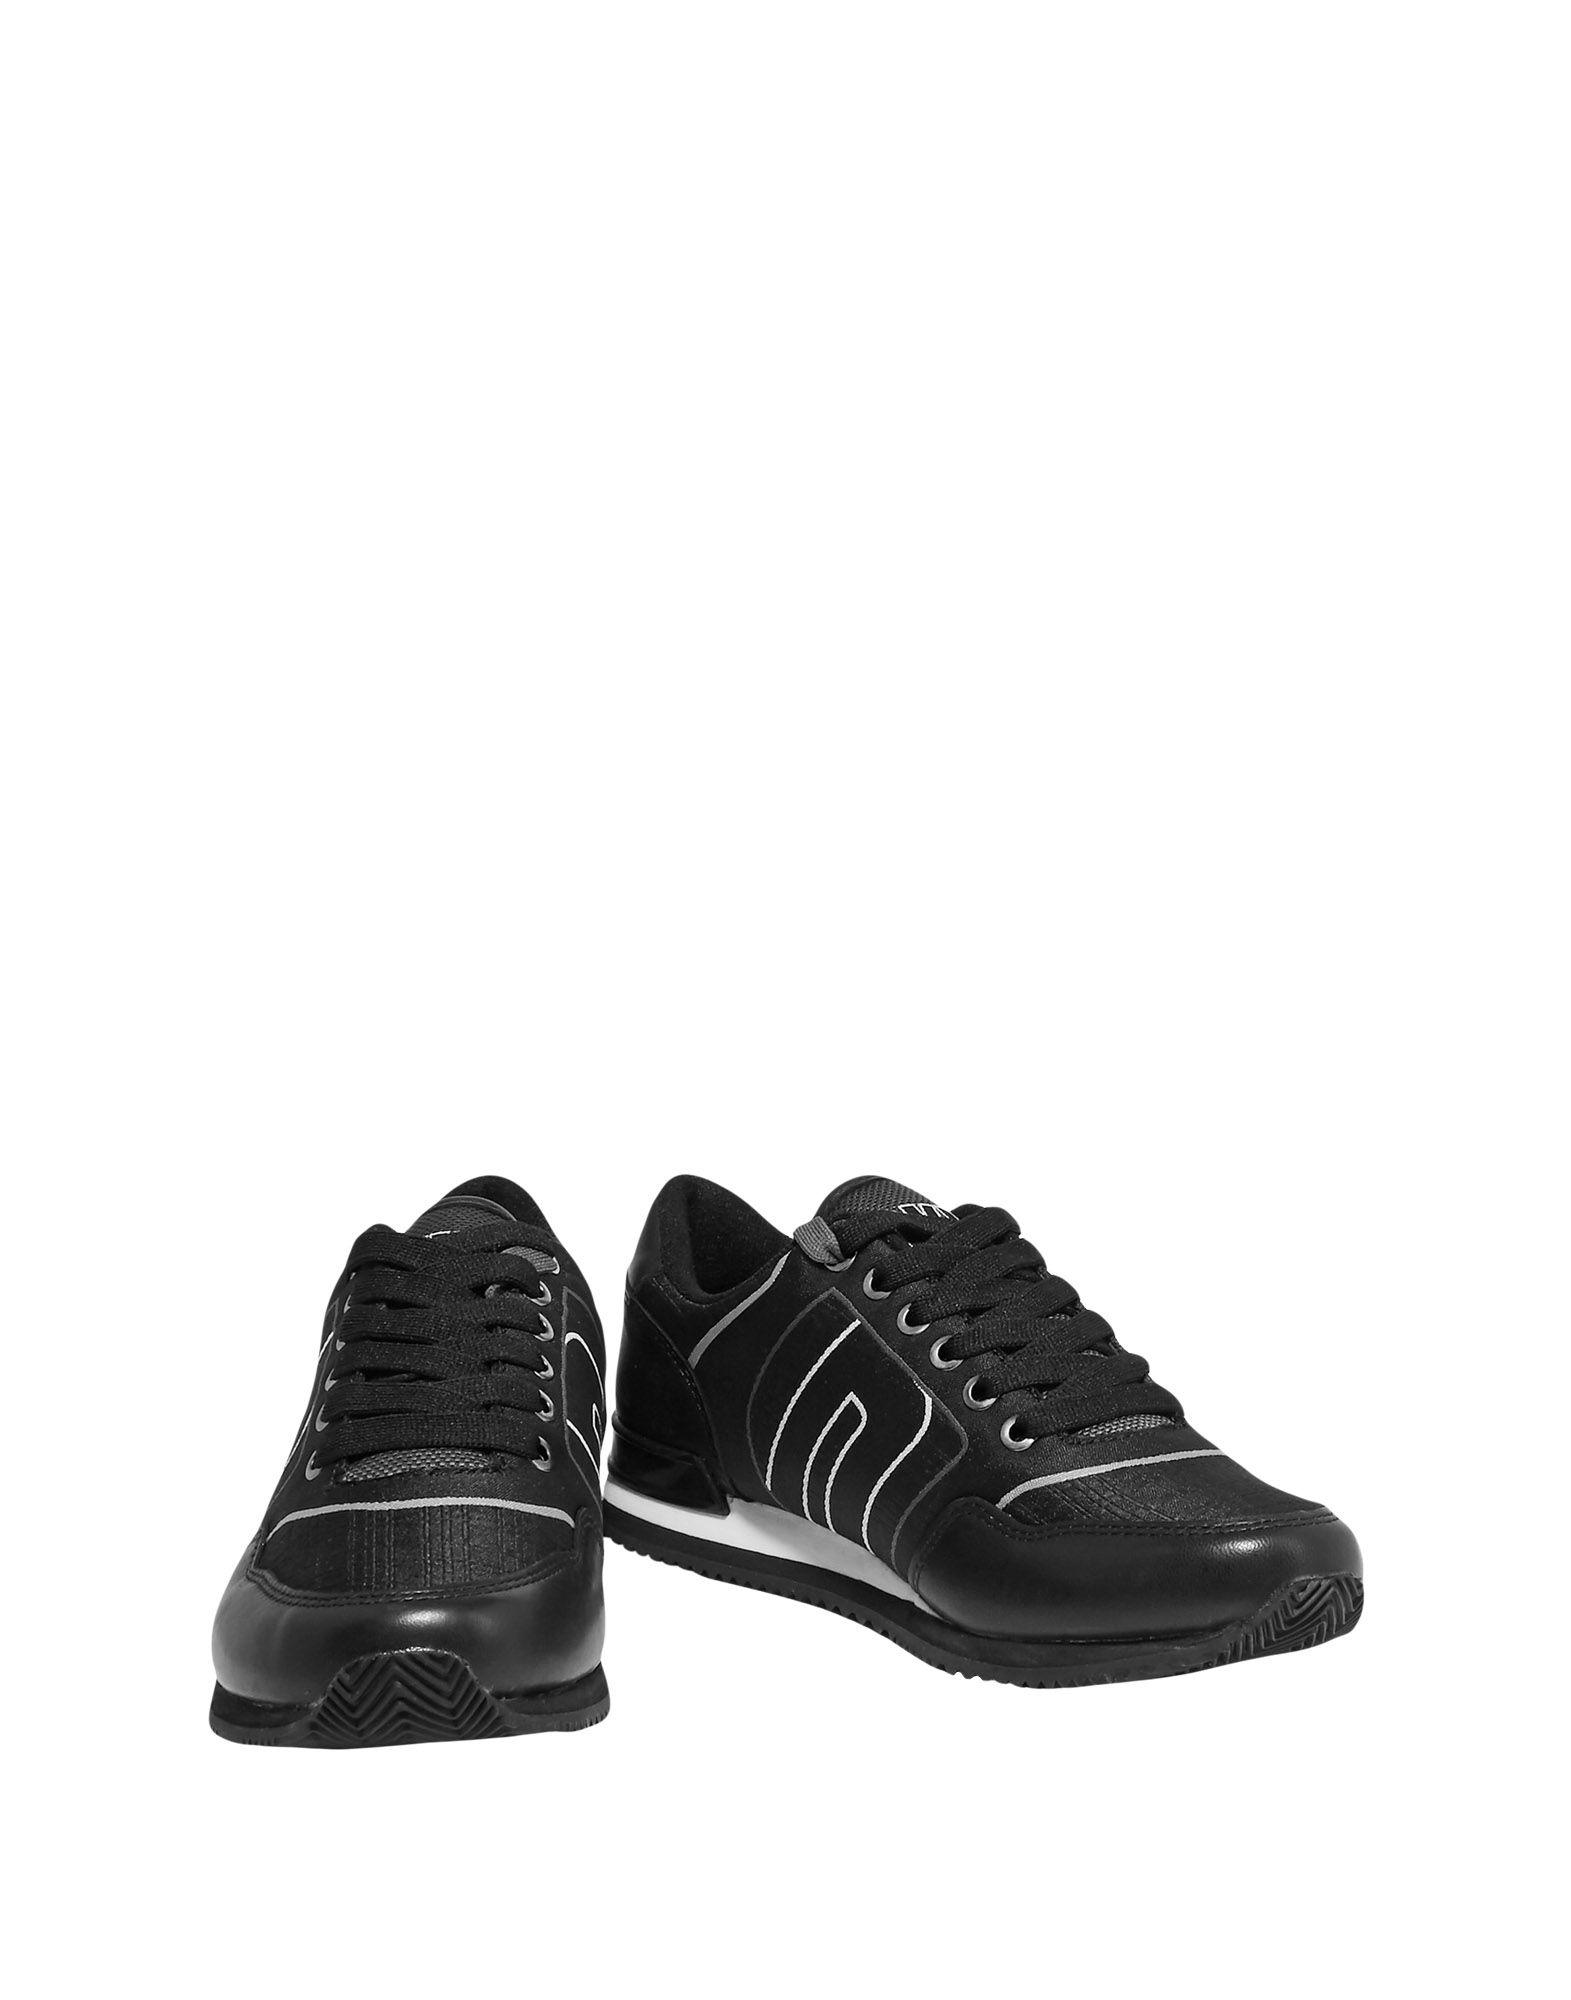 Dkny Sneakers Damen  11514778DN Gute Qualität beliebte Schuhe